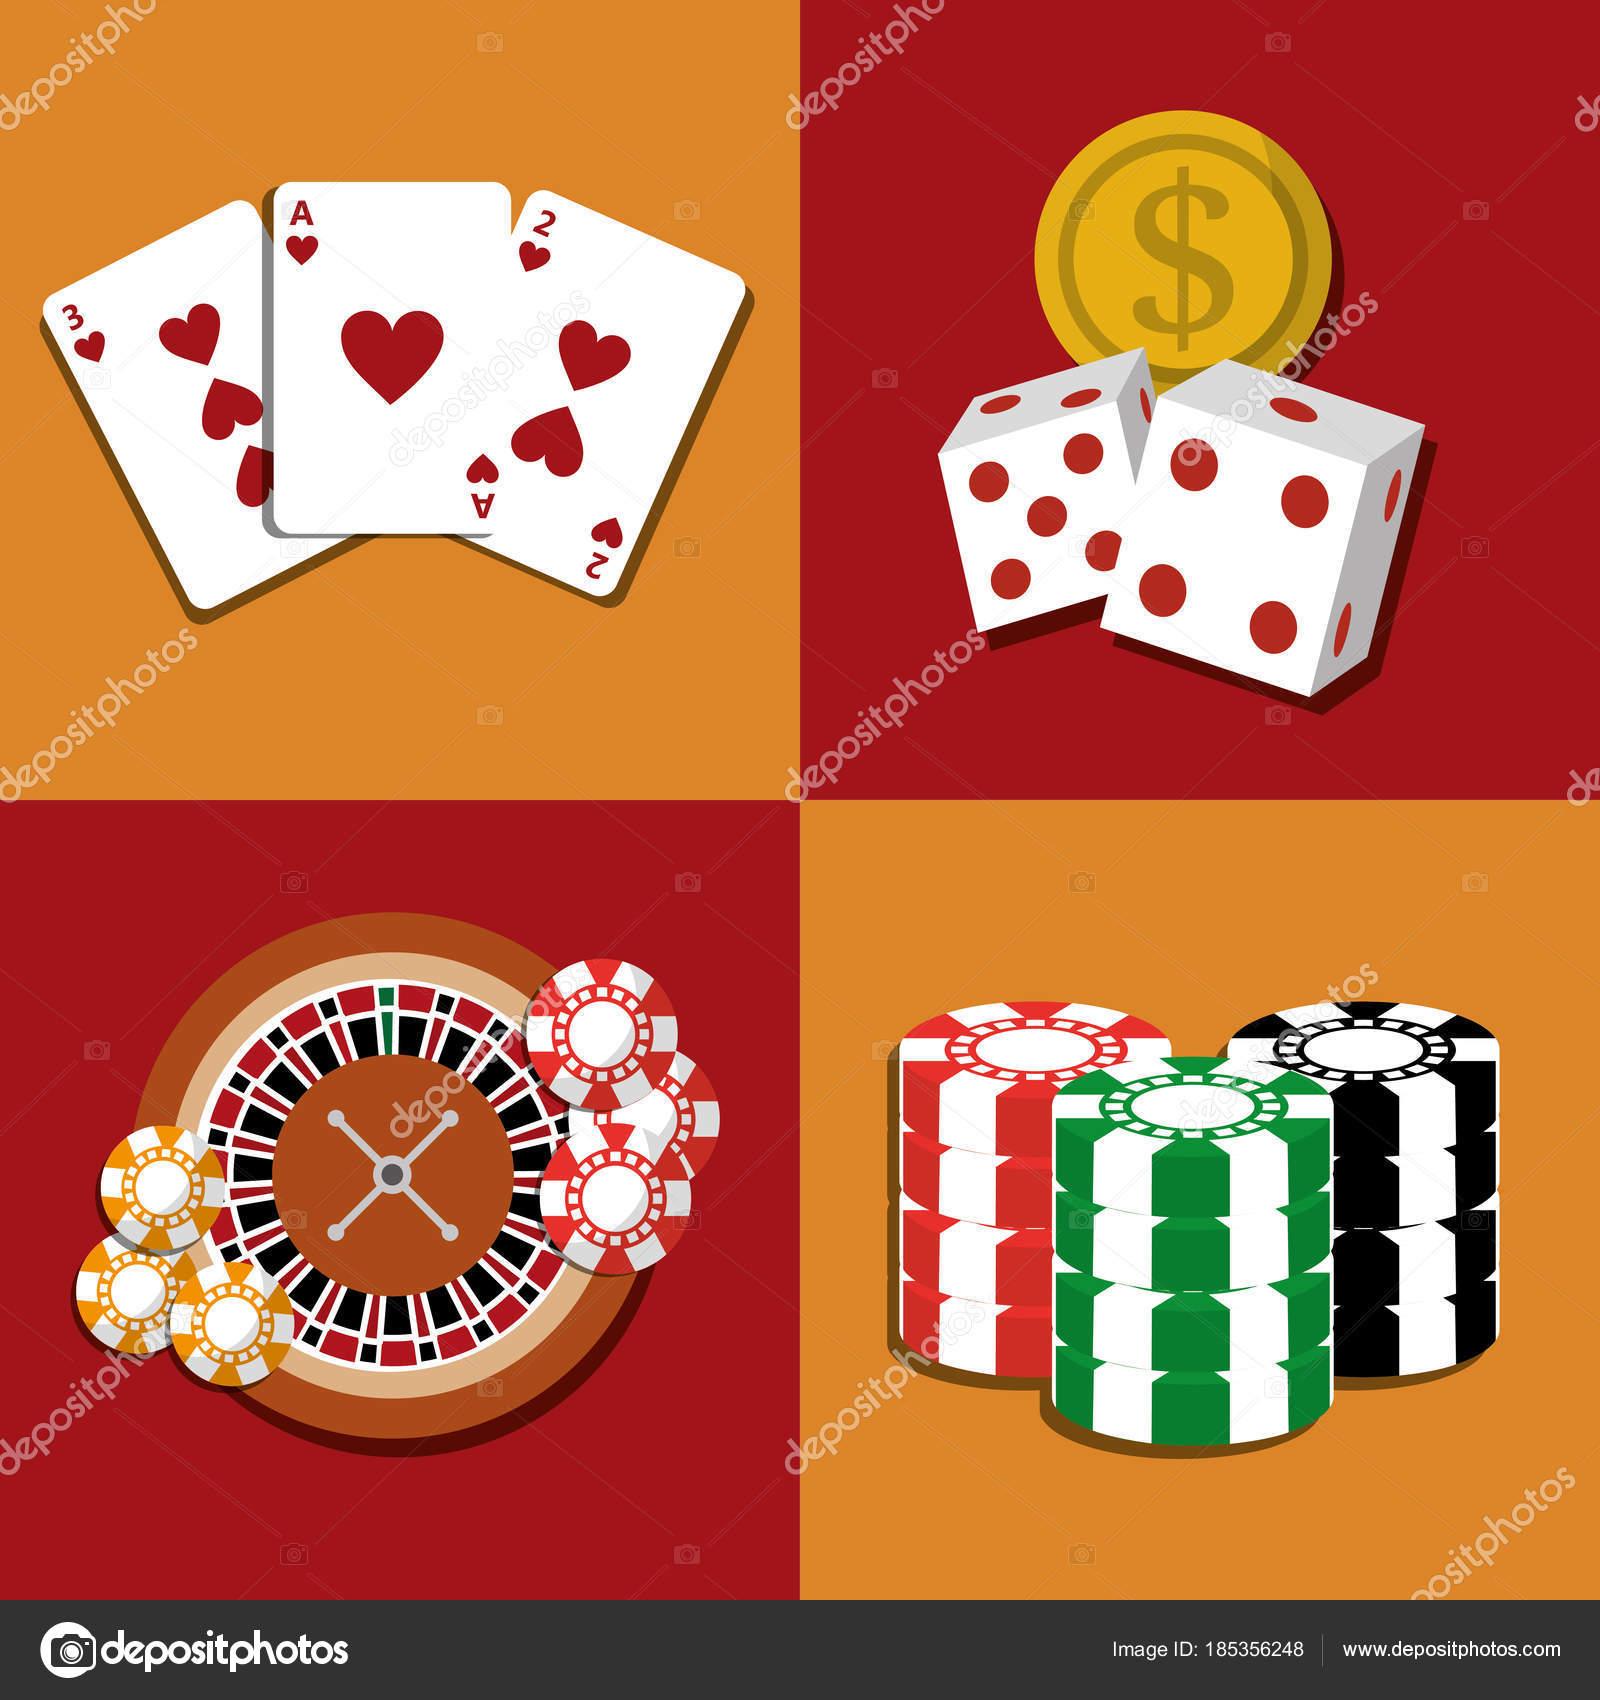 FreakyAces com juegos de apuestas-389385